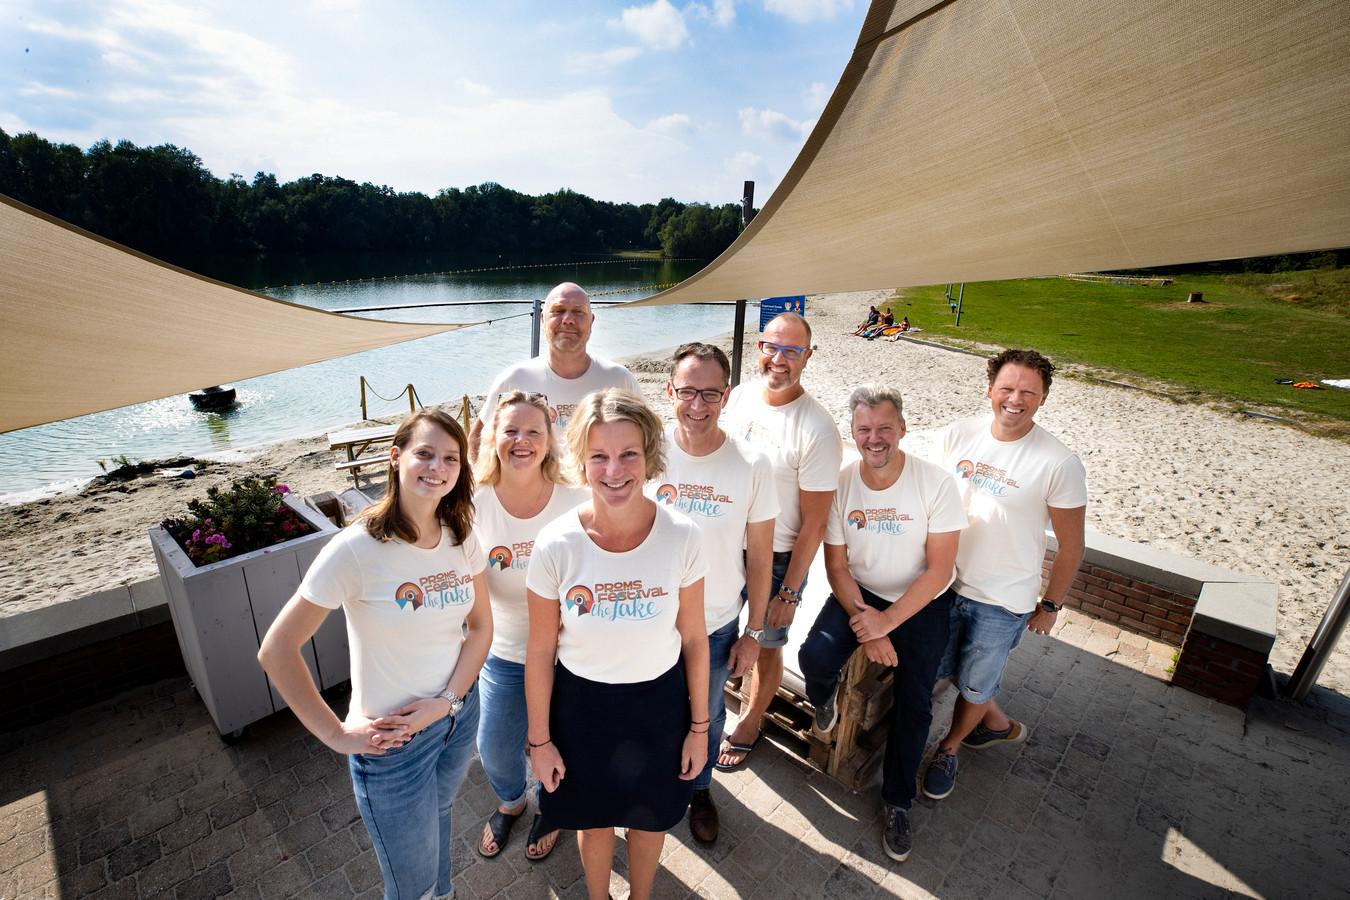 Bij de Enodeplas vindt over een jaar een nieuwe versie van de Nuenen Proms plaats. Afgelopen weekend verzamelden ontwerpers muzikanten en organisatie zich op deze plek.